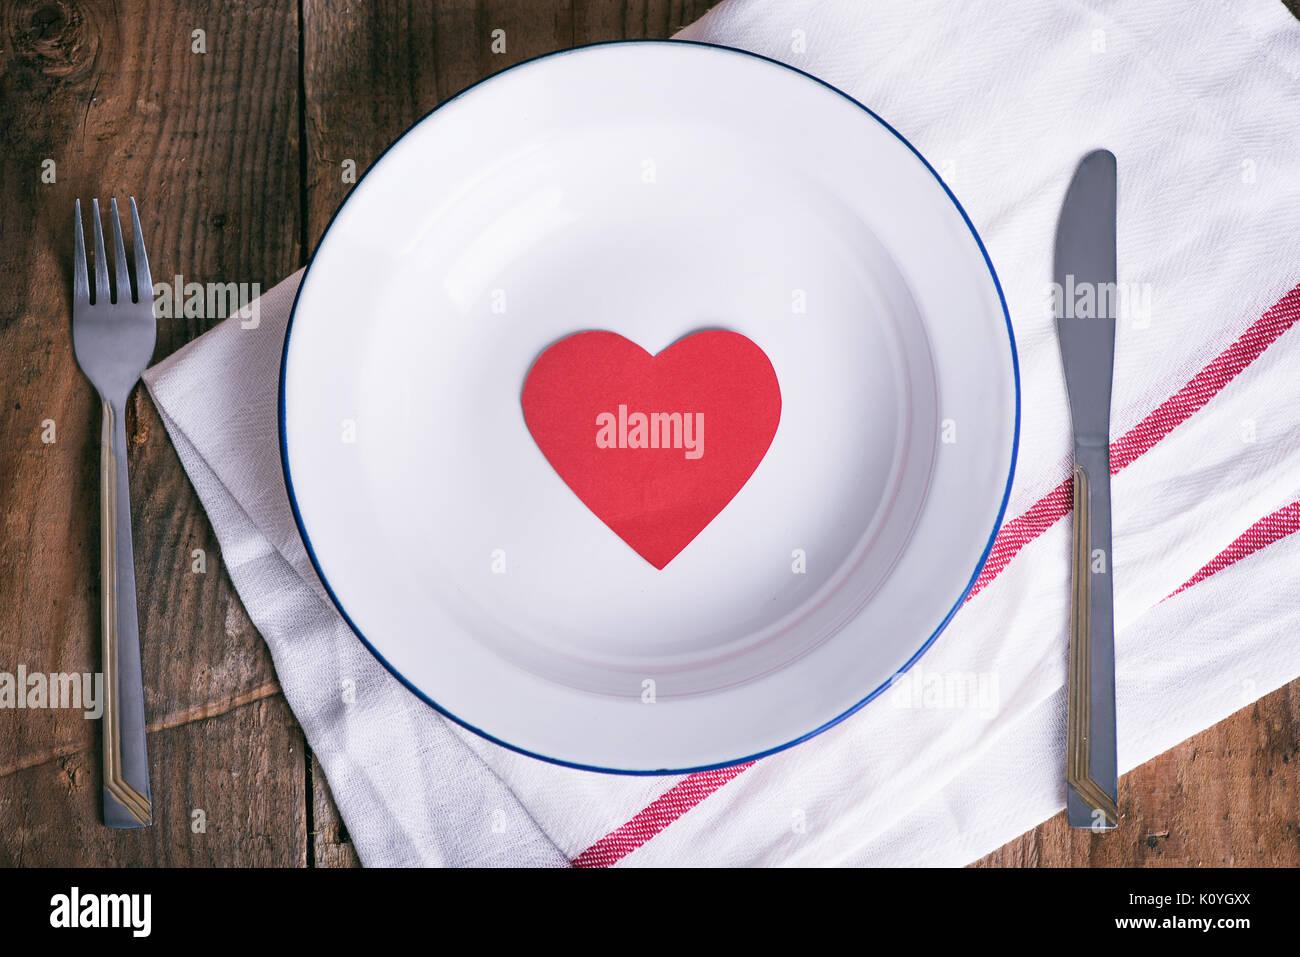 Konzept Diät und Gewichtsverlust. Leeren Teller mit rotem Herz aus Papier in der Mitte der Platte Stockbild